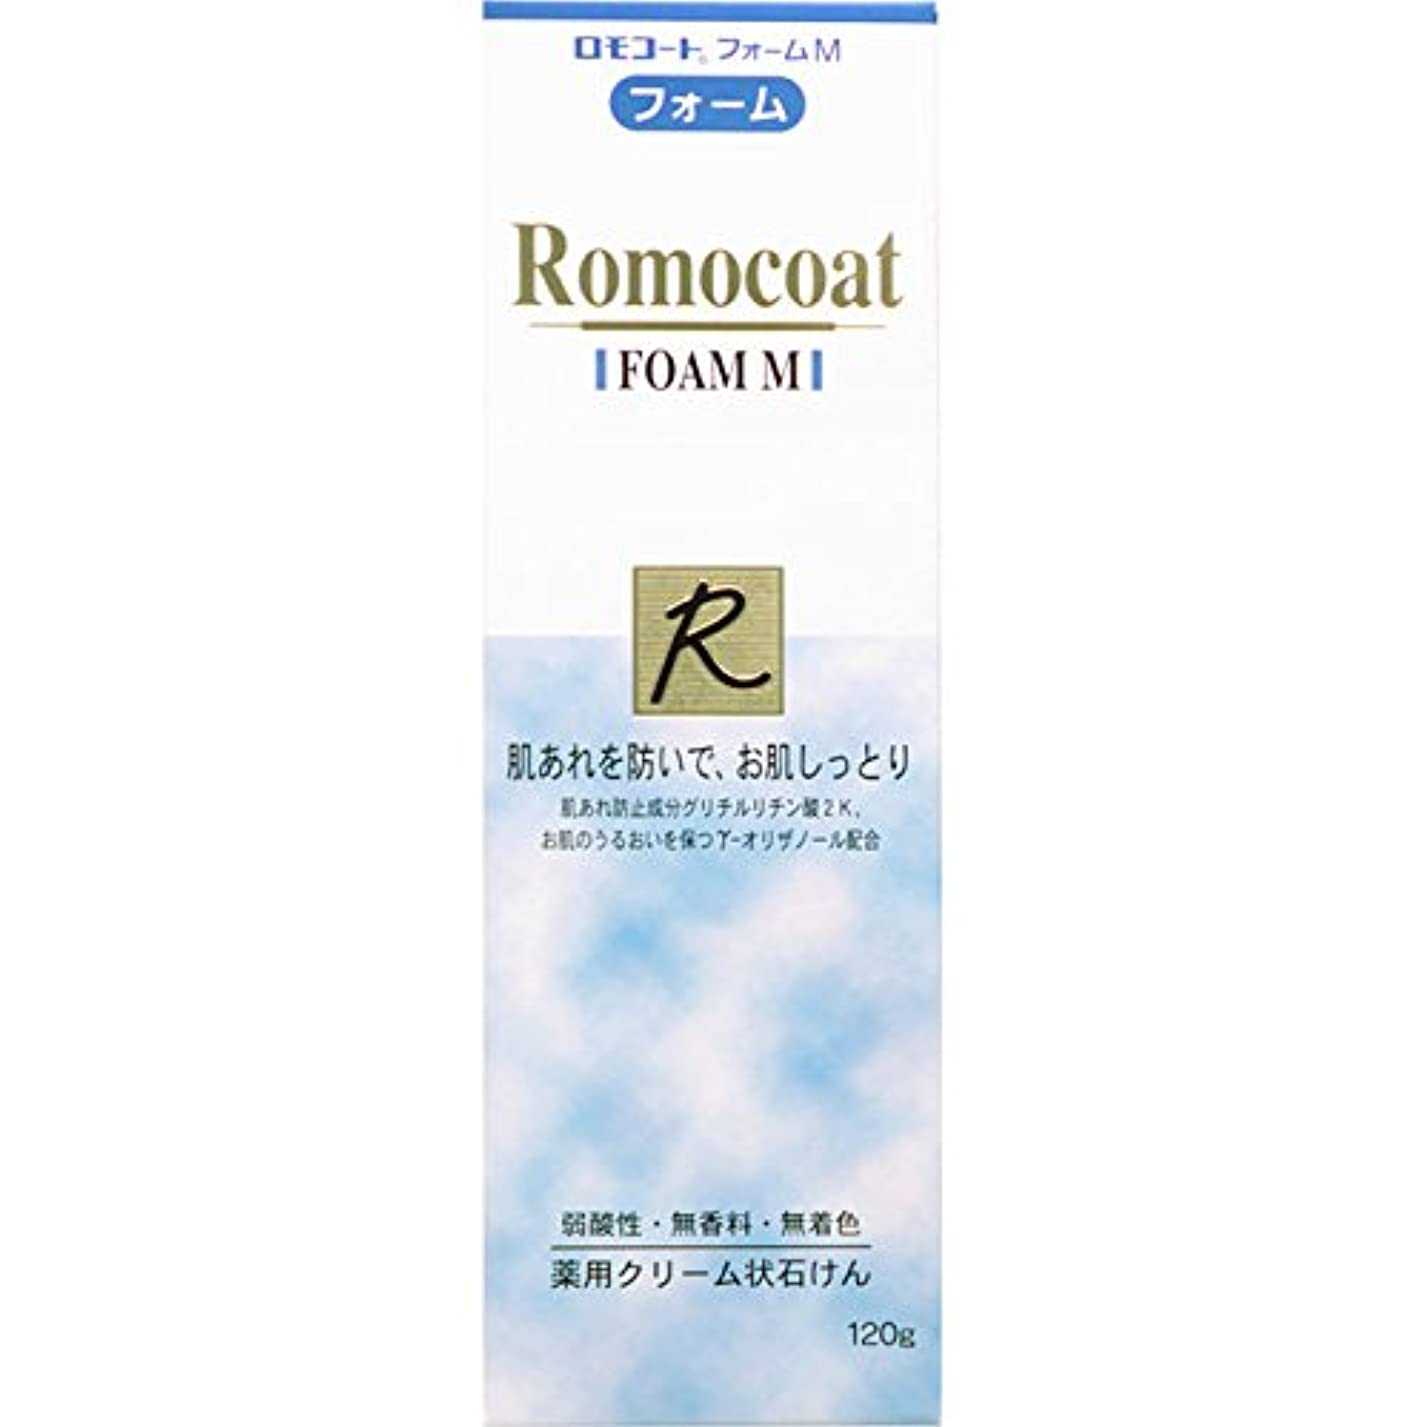 処方開発解放ロモコートフォームM 120g【医薬部外品】